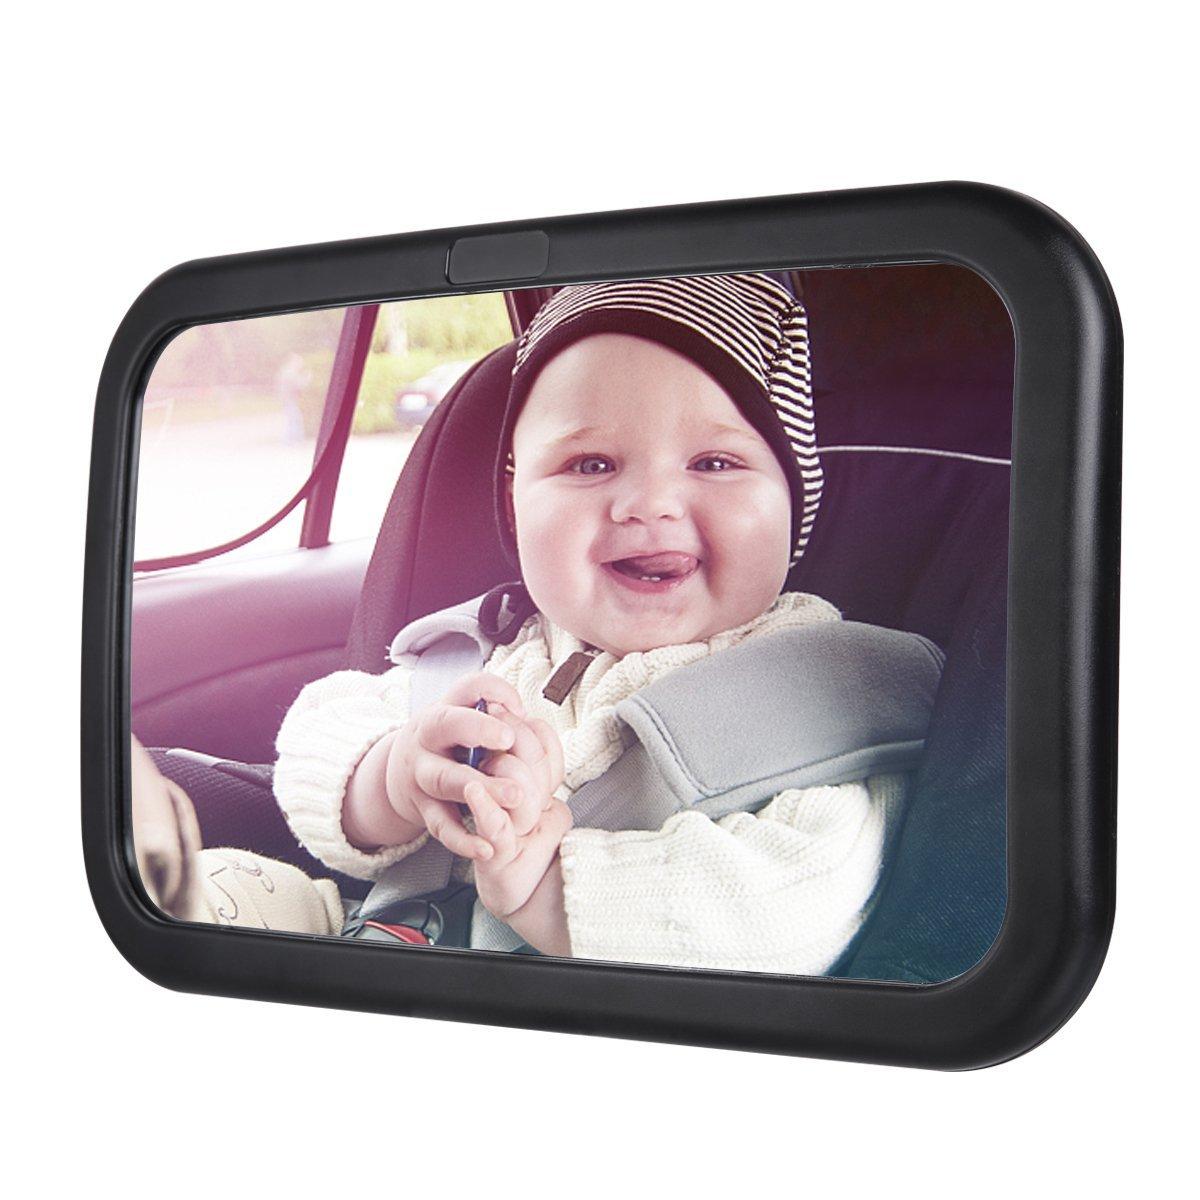 Poseca Bébé Miroir de Voiture, Auto Bébé Enfant Siège Arrière Miroir pour Visualiser Infant en Dos à la Route, Rétroviseur de Surveillance Bébé, Sécurité, Incassable et Rotation 360°